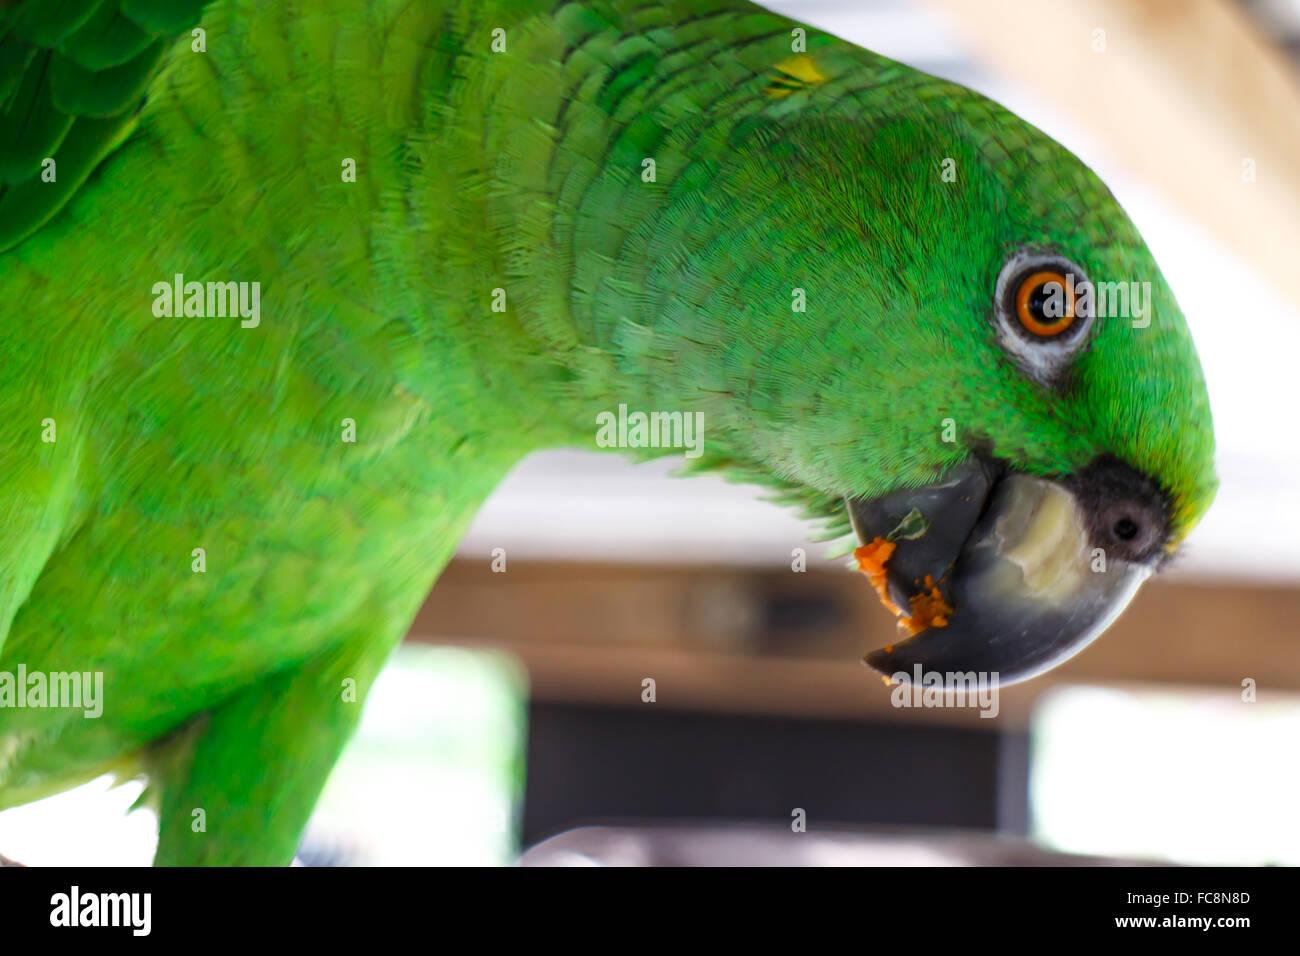 Perroquet vert manger des fruits d23454d3de3